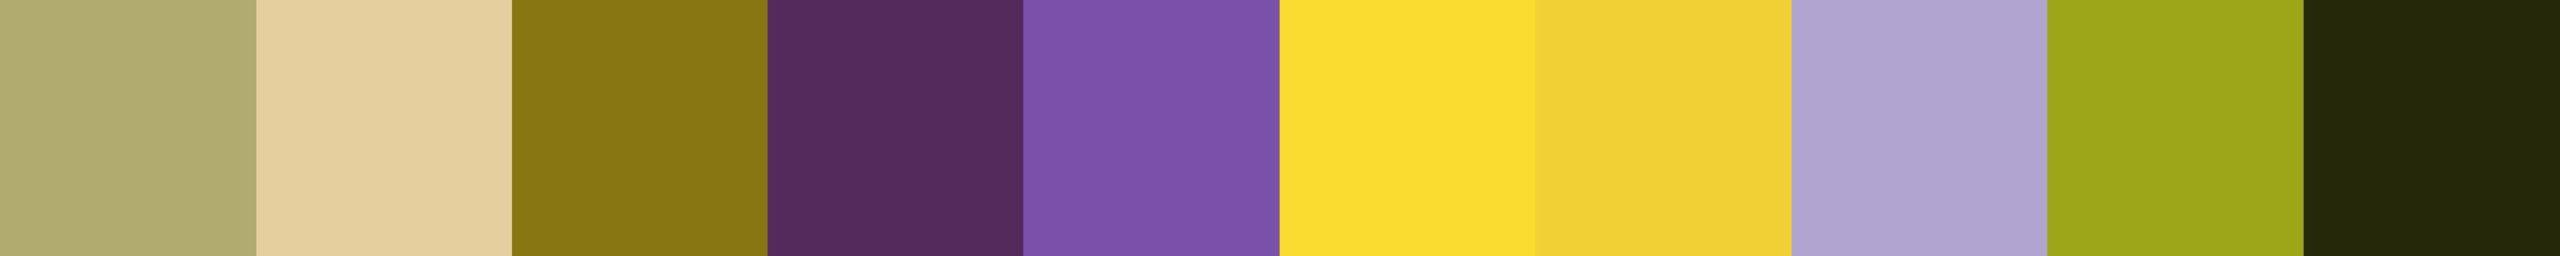 405 Cokra Color Palette